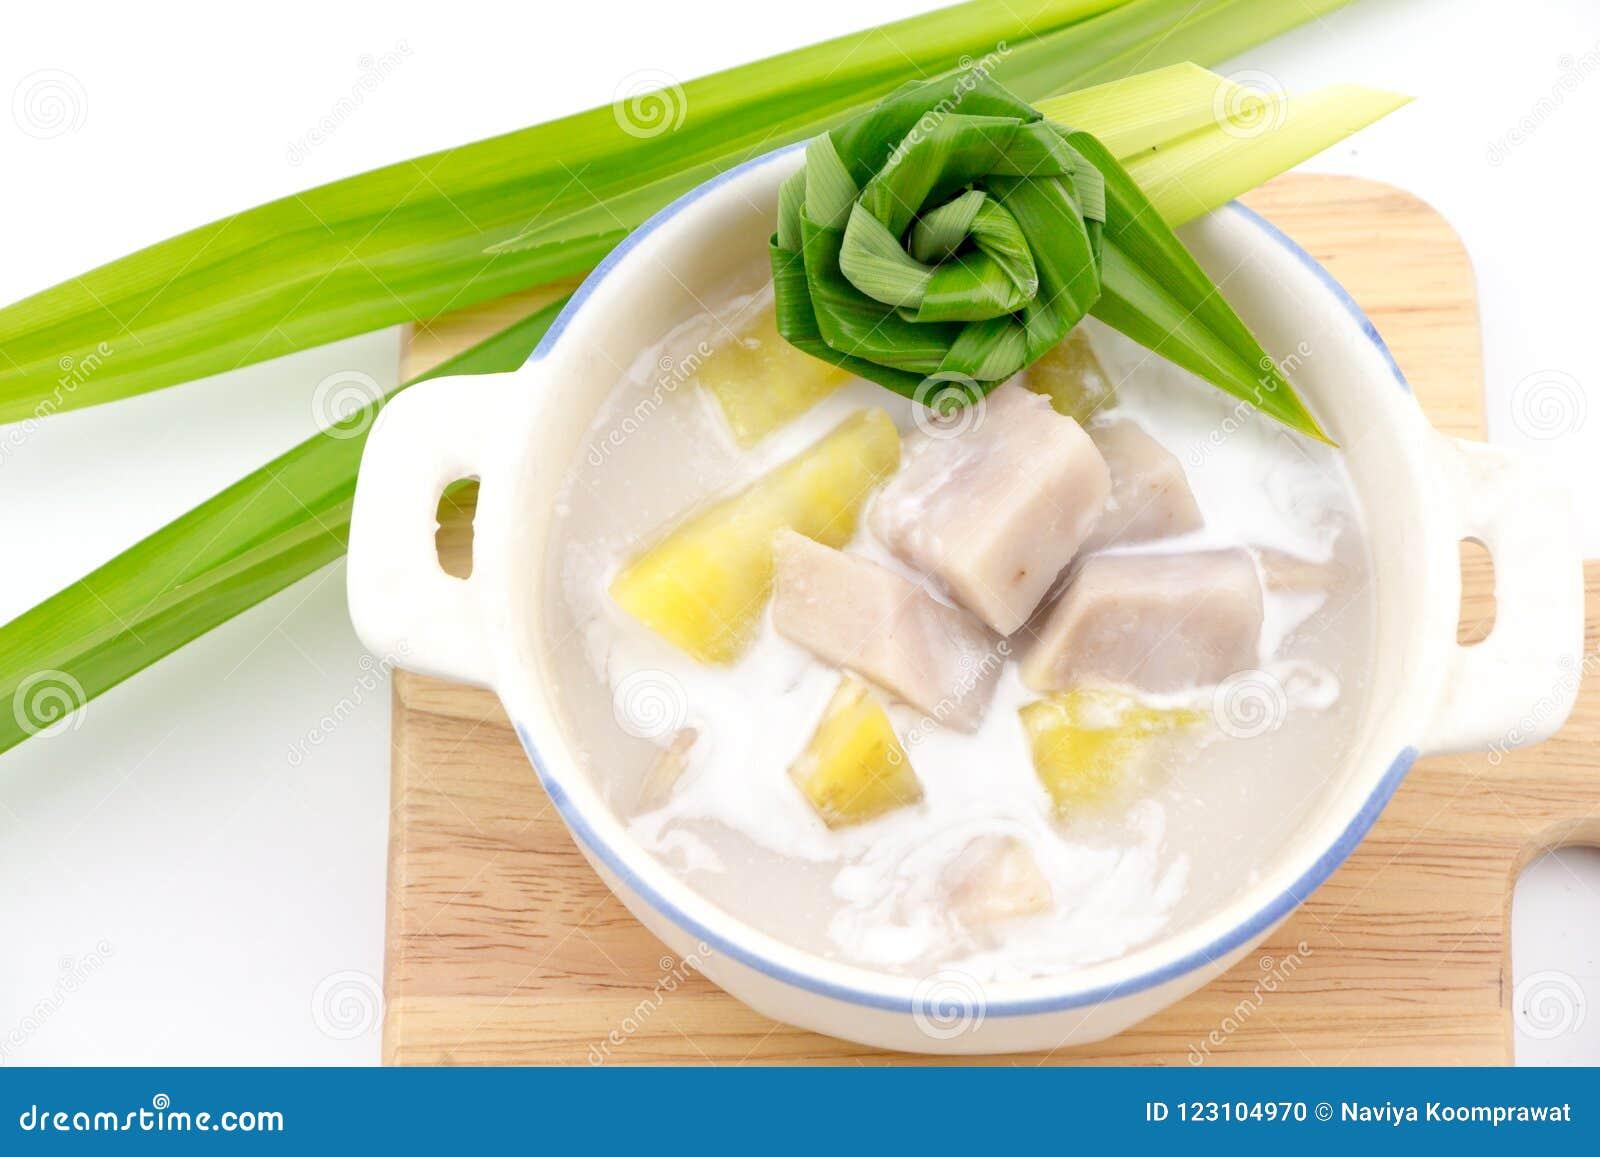 Taro i batat w Słodkim Kokosowym mleku